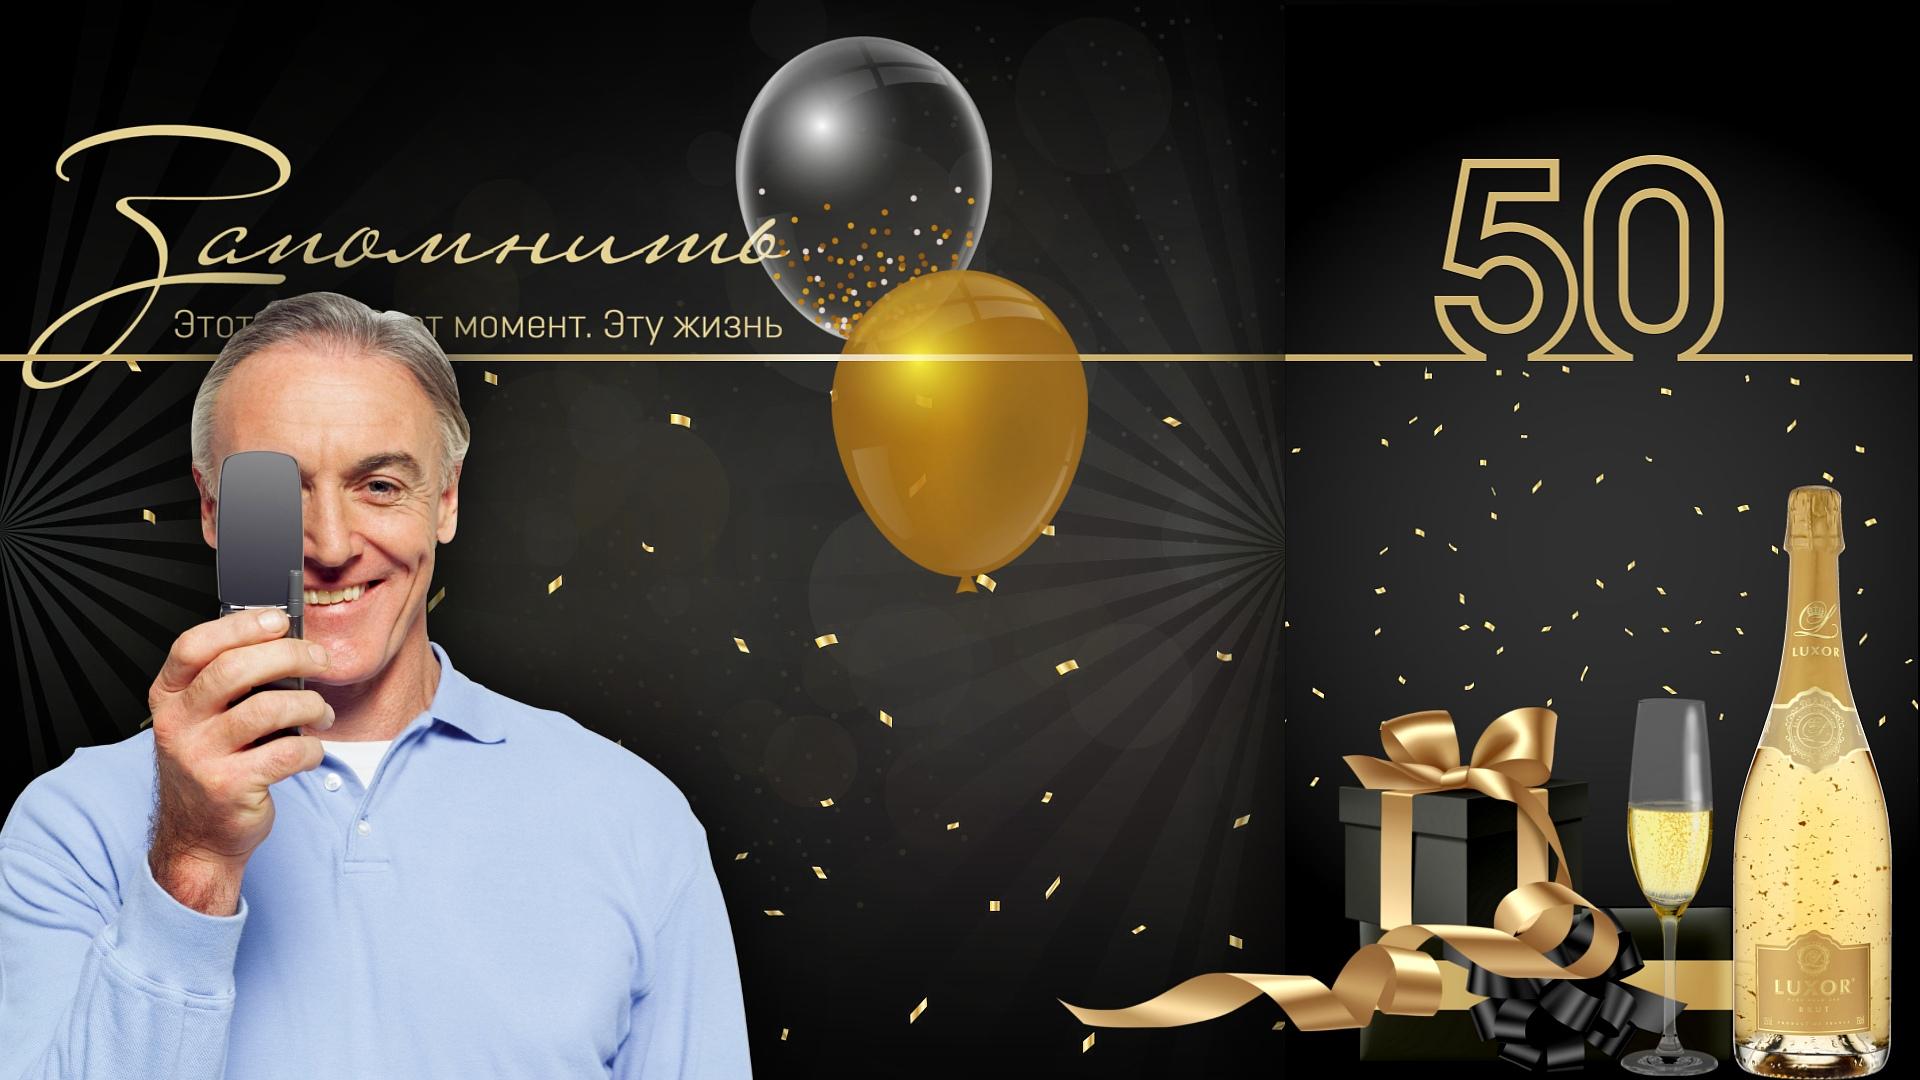 Юбилейное поздравление шефу | Gold on black | ProShow Producer + bonus